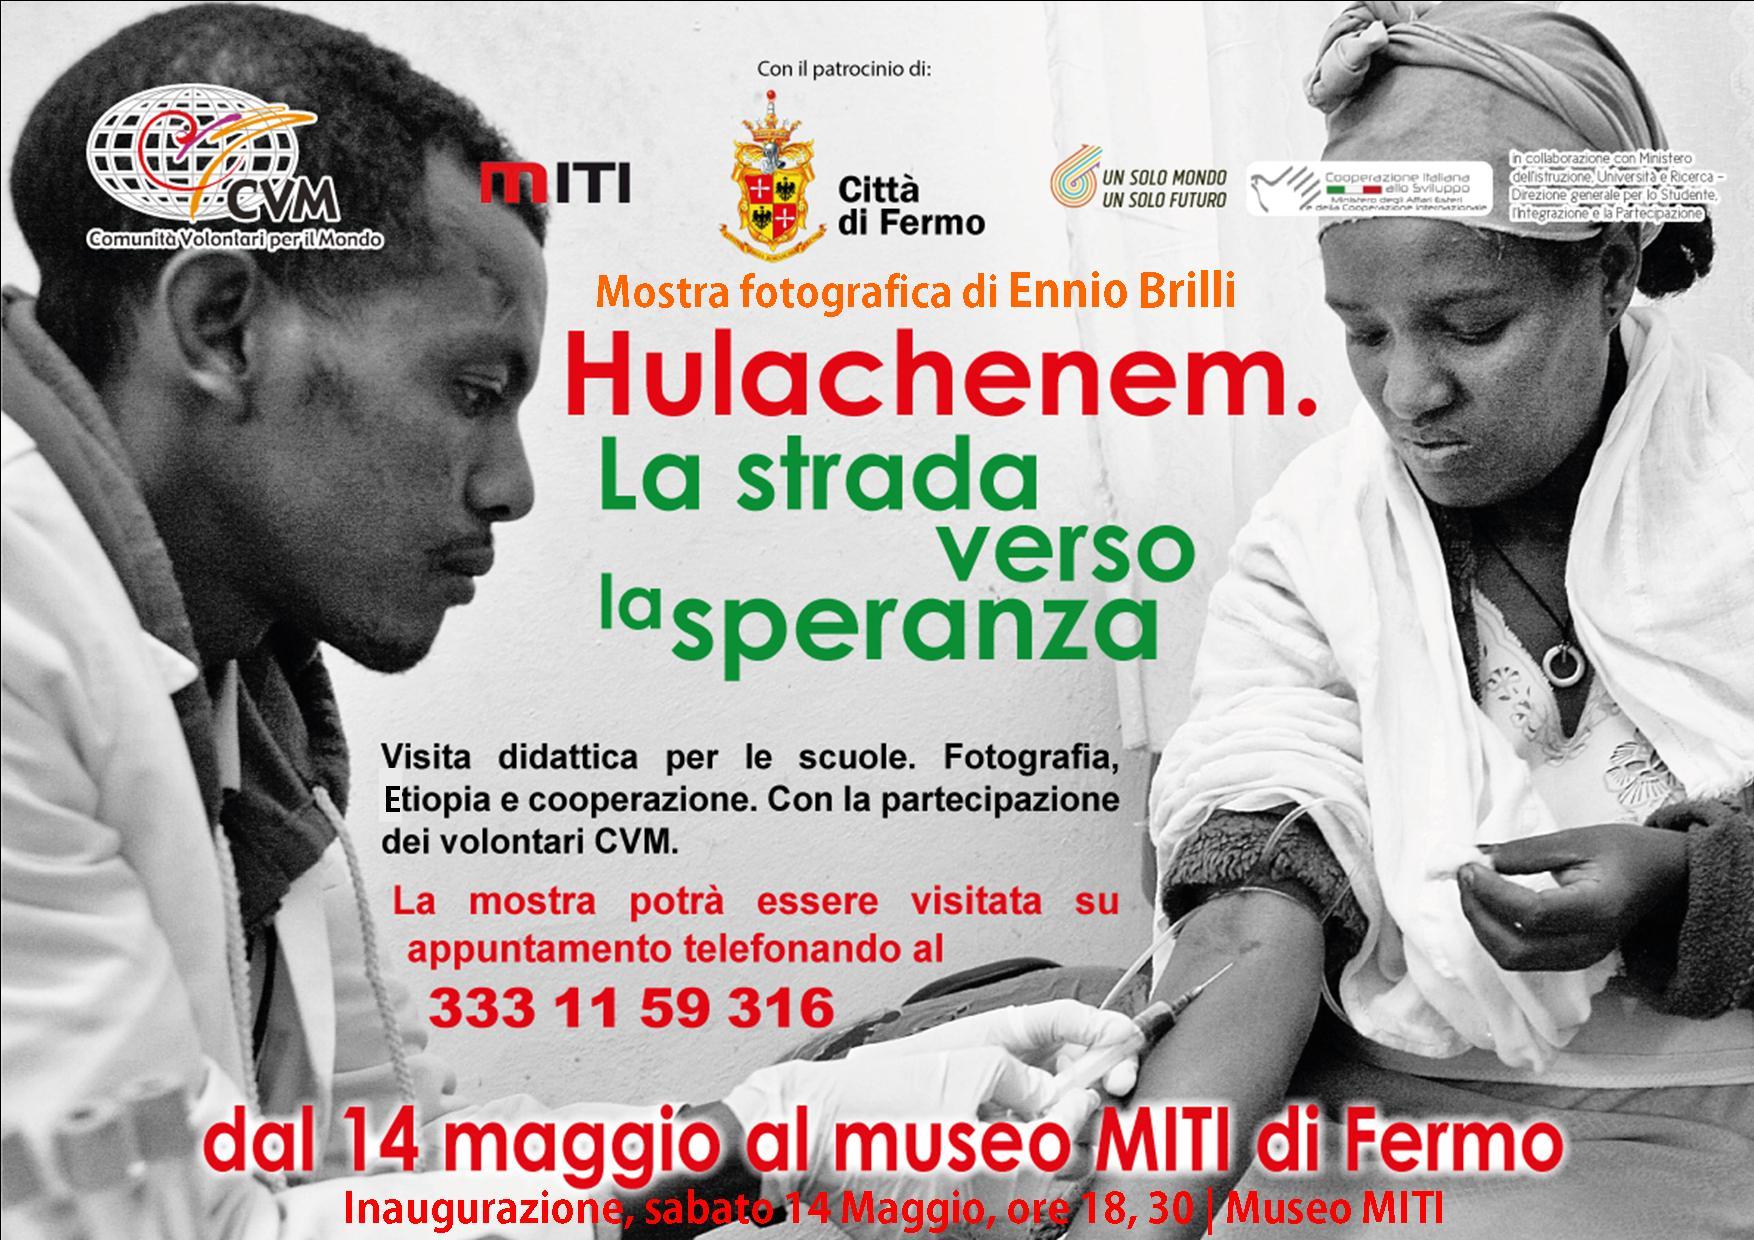 Invito inaugurazione mostra fotofrafica Ennio Brilli